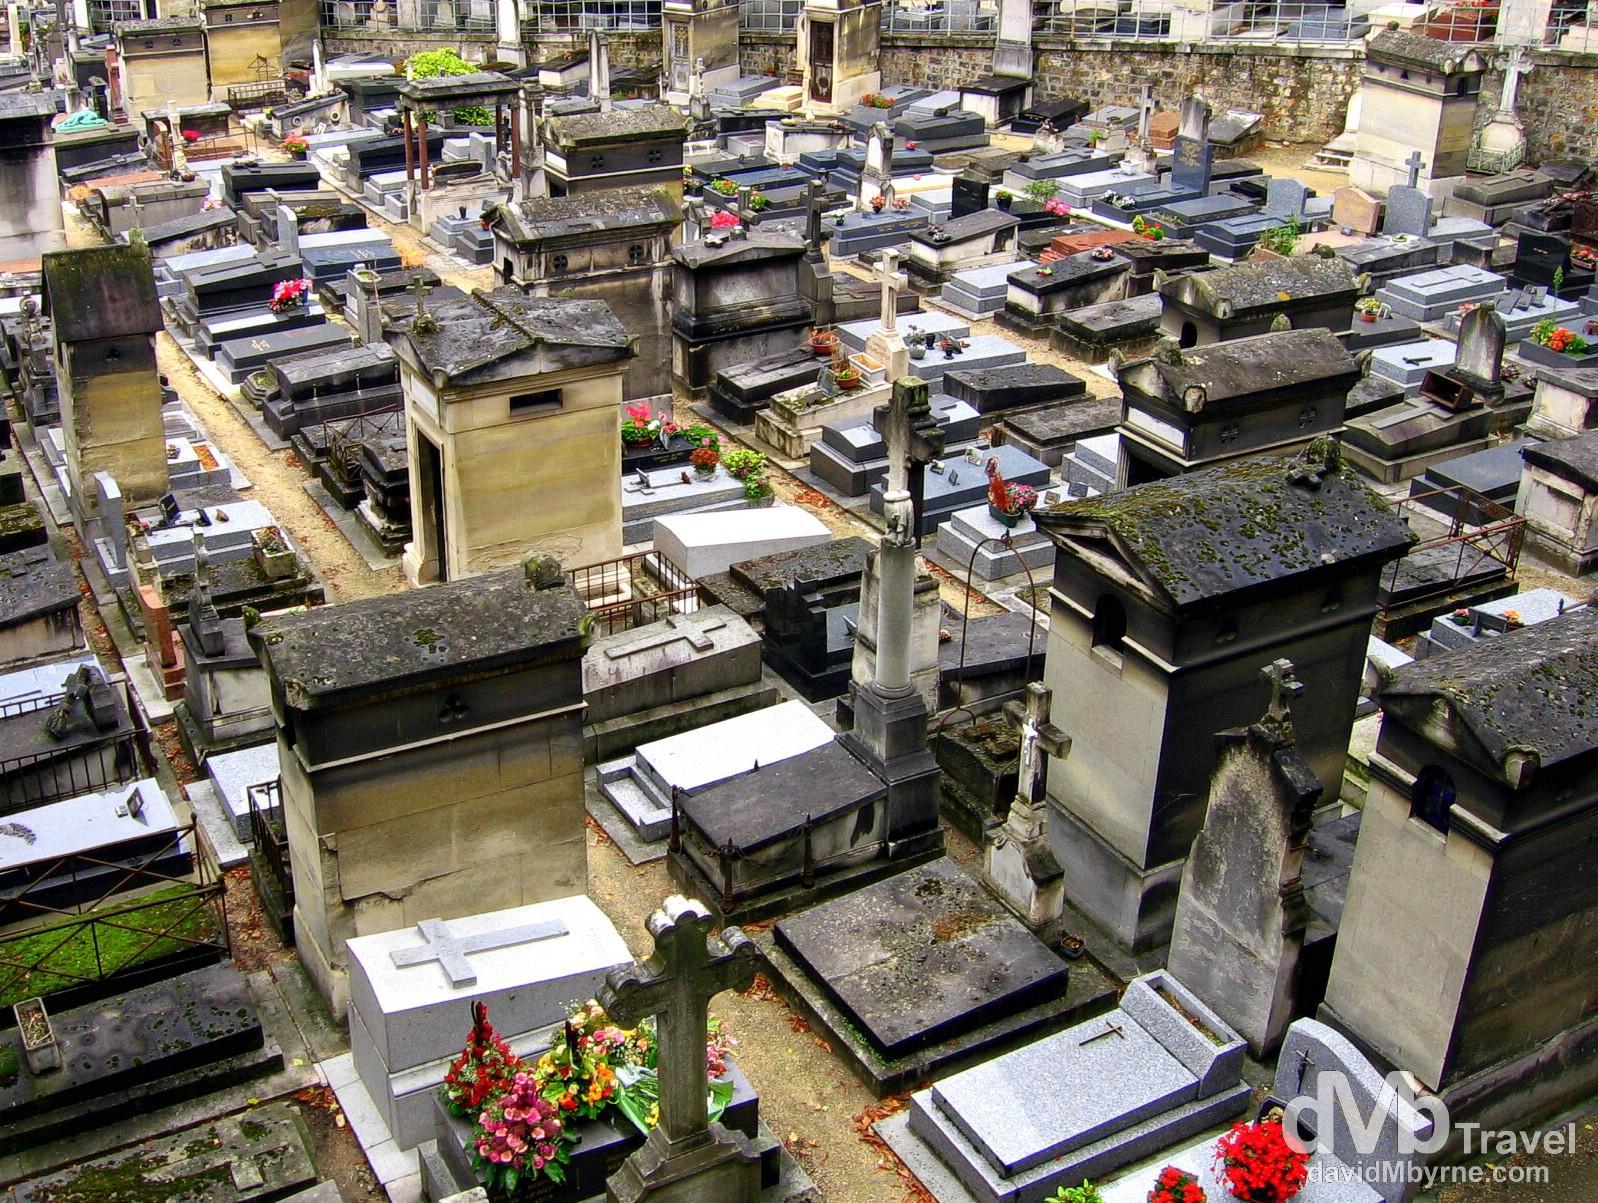 Montmartre Cemetery, Montmartre, Paris, France. August 20th, 2007.